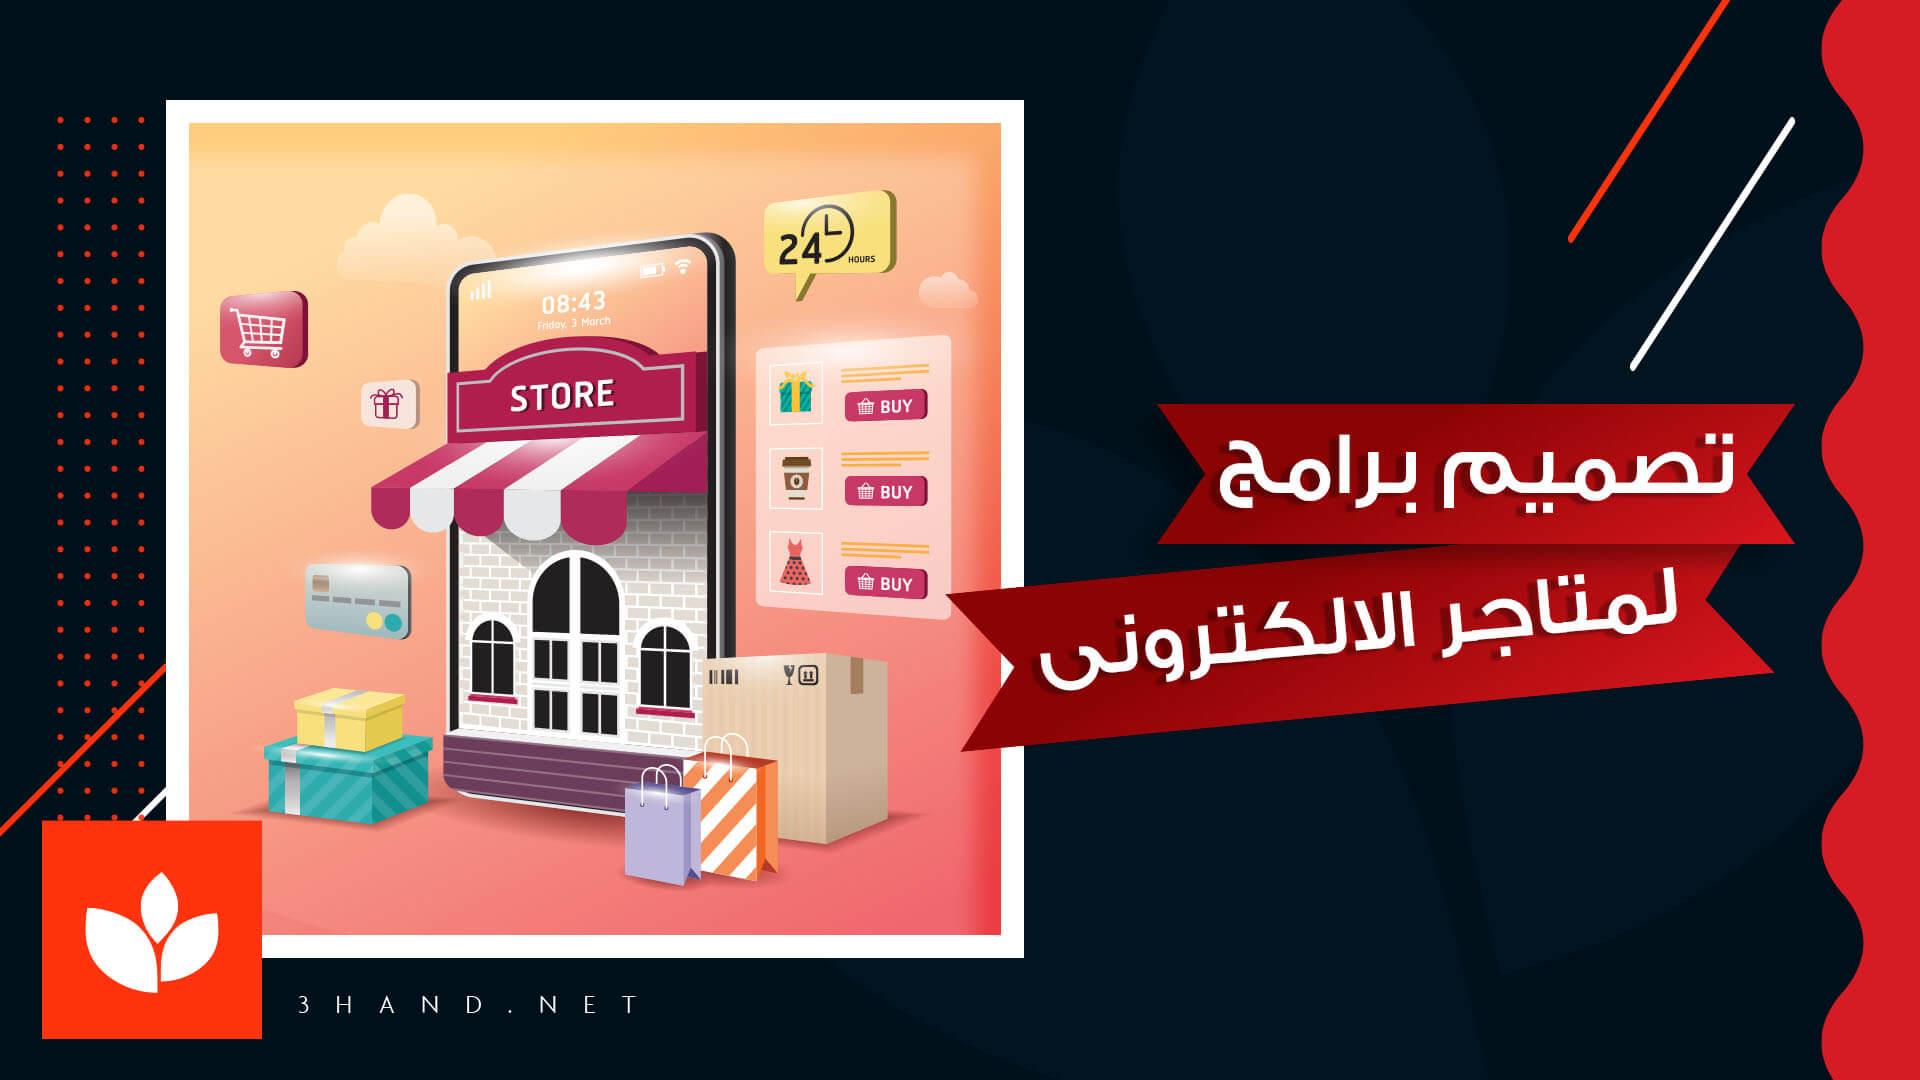 تصميم برامج لمتاجر الكترونية